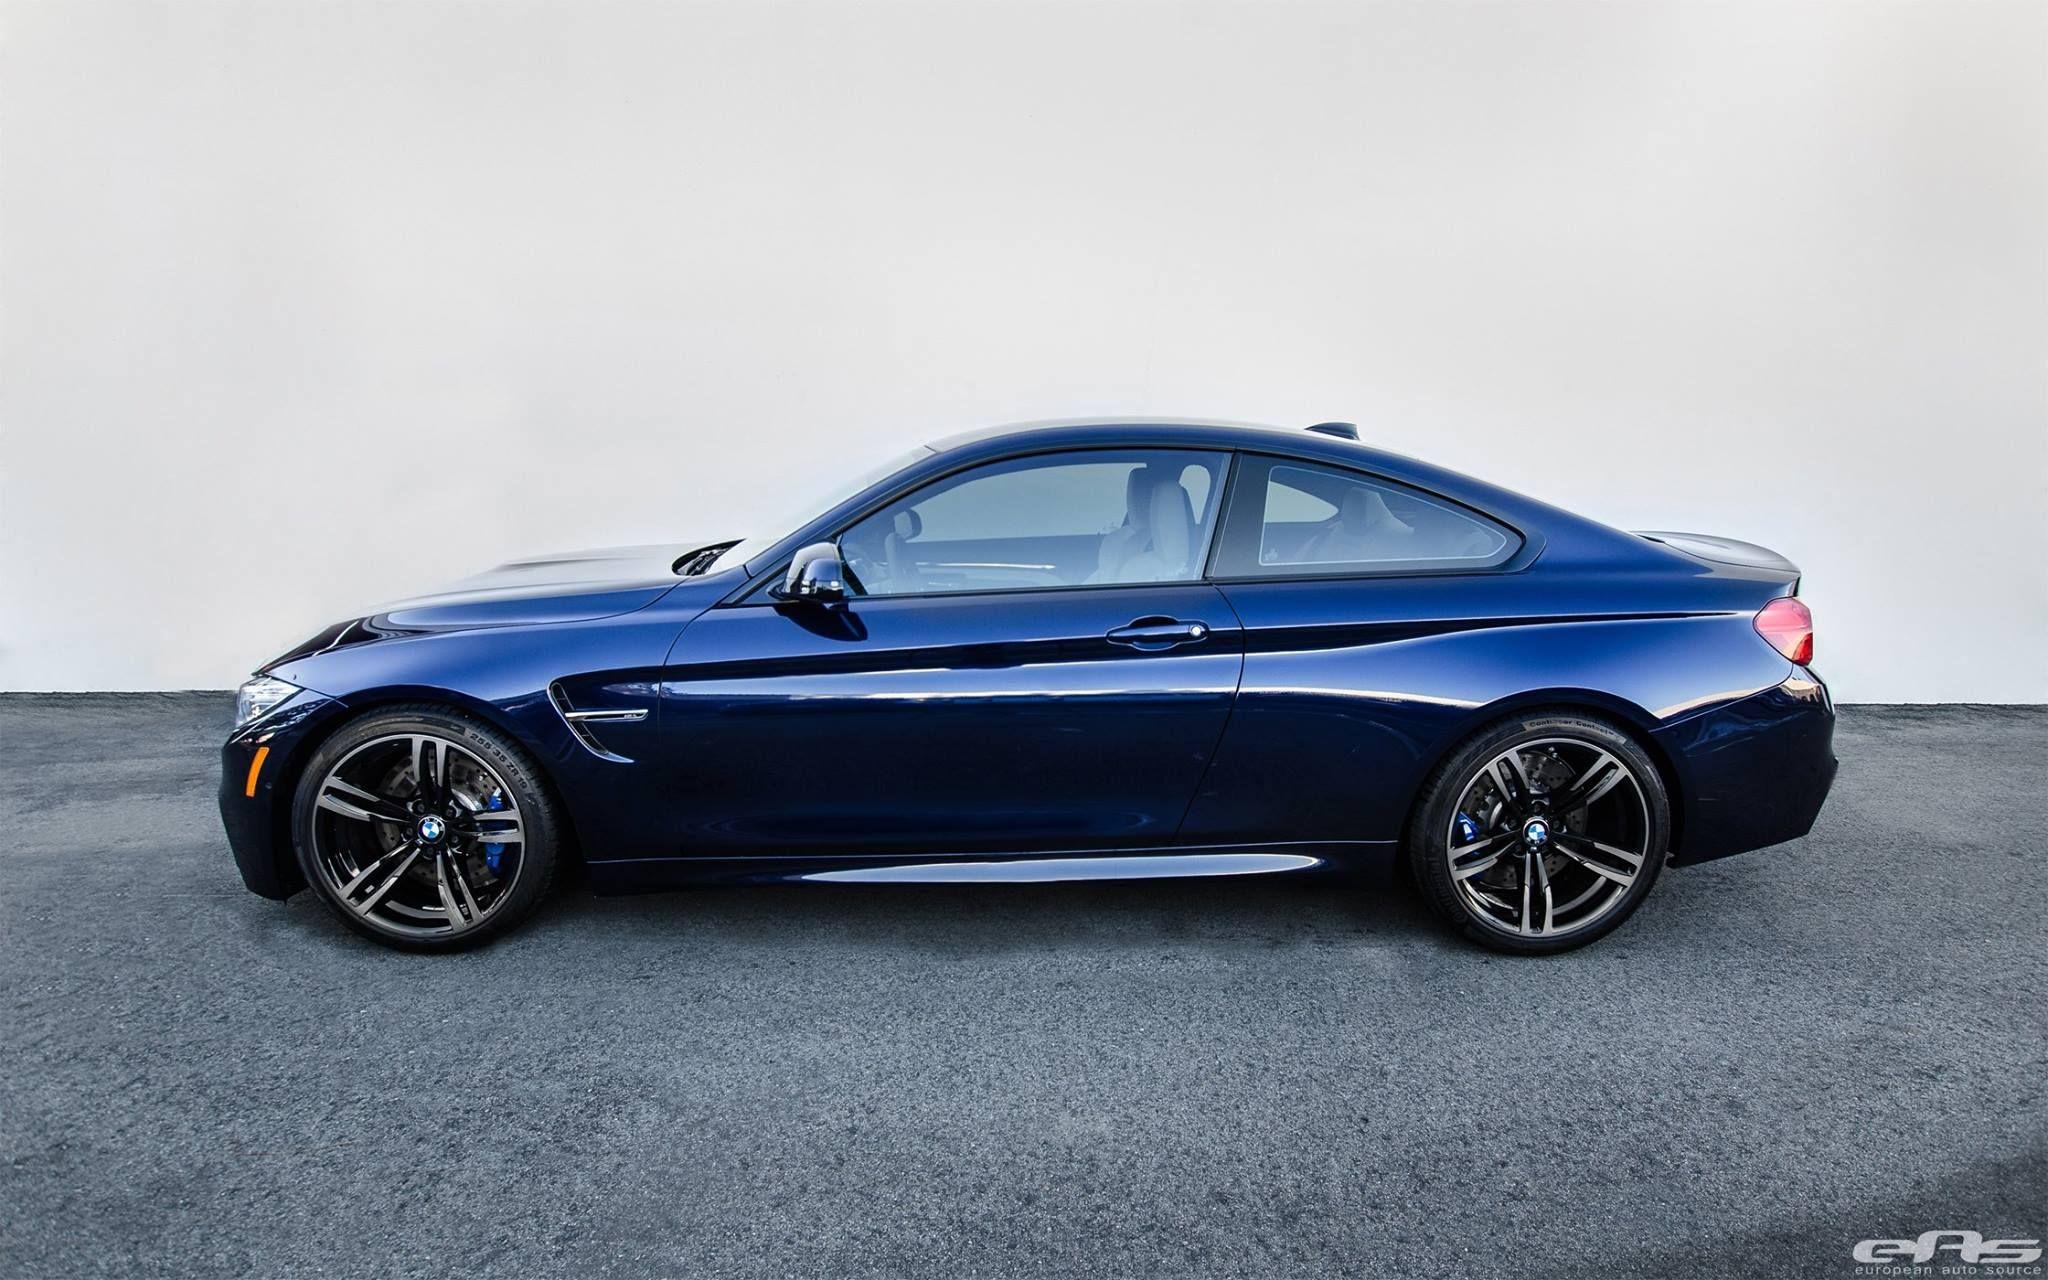 Bmw F82 M4 Coupe Dark Blue Eyes Provocative Bmw Bmw Wheels Bmw M4